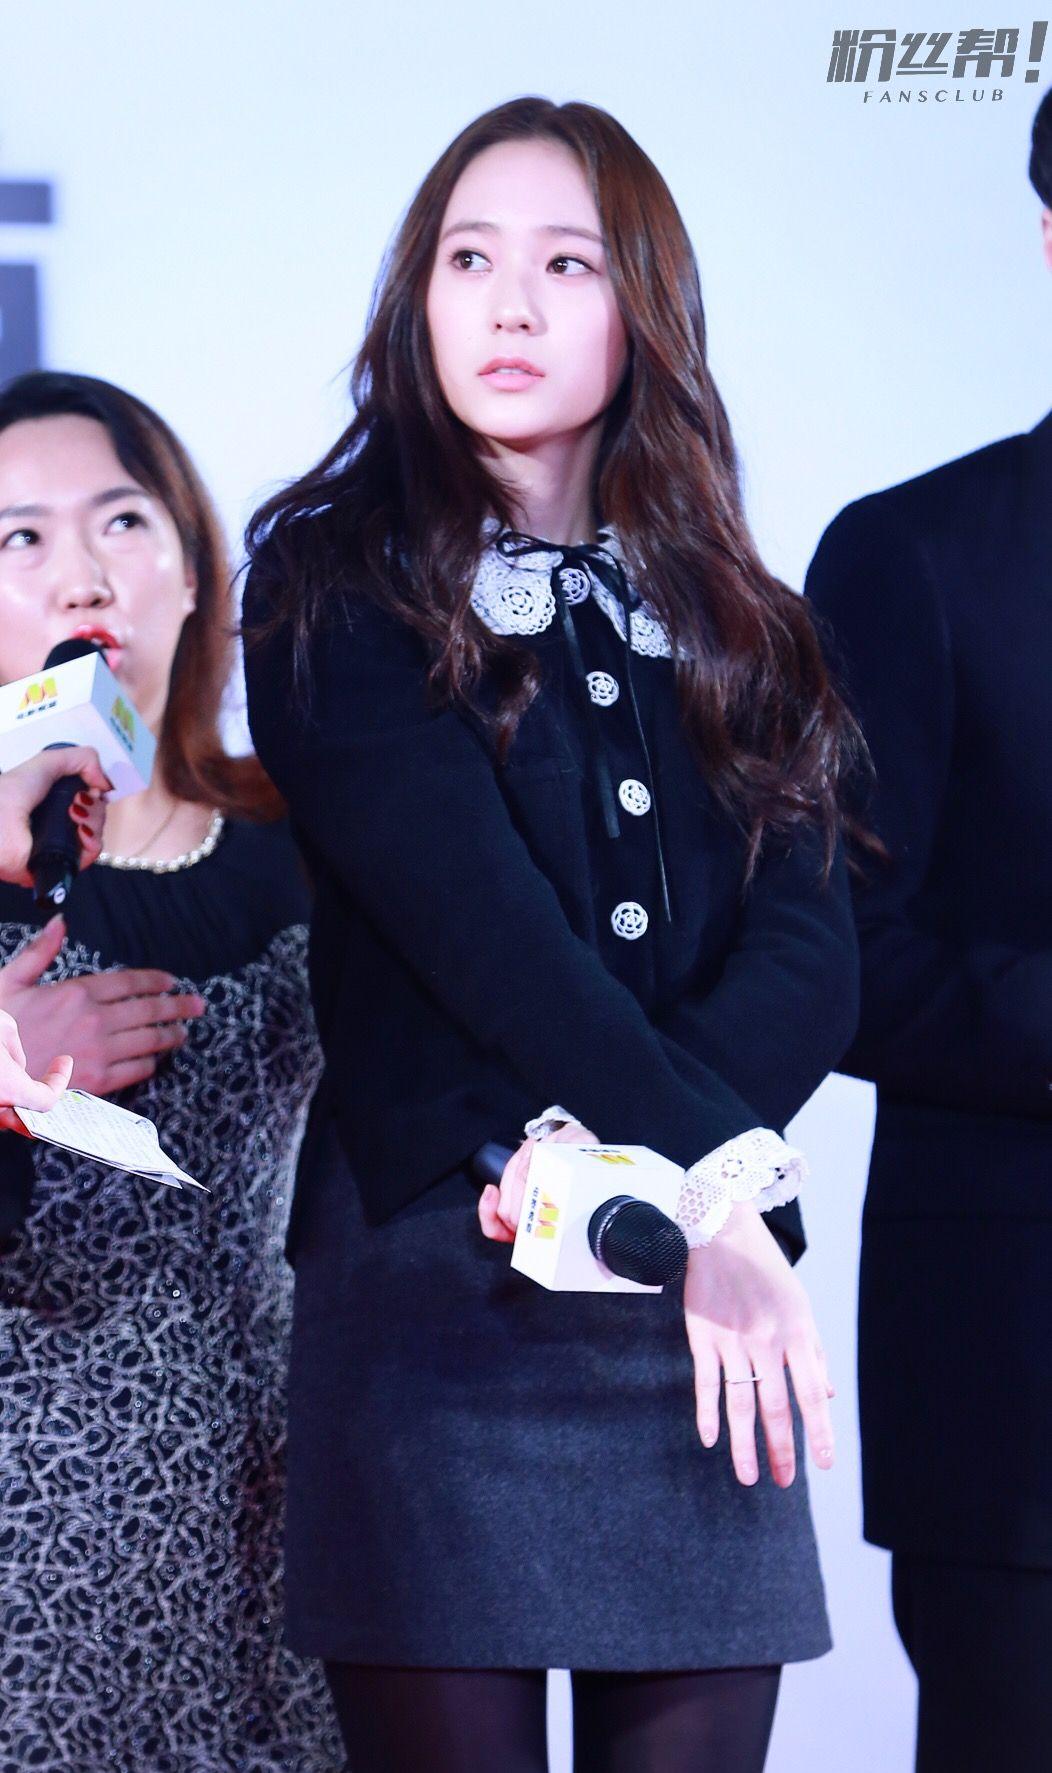 151218 Krystal @ 粉絲幫官微 微博 更新 - 《閉嘴!愛吧》發布會